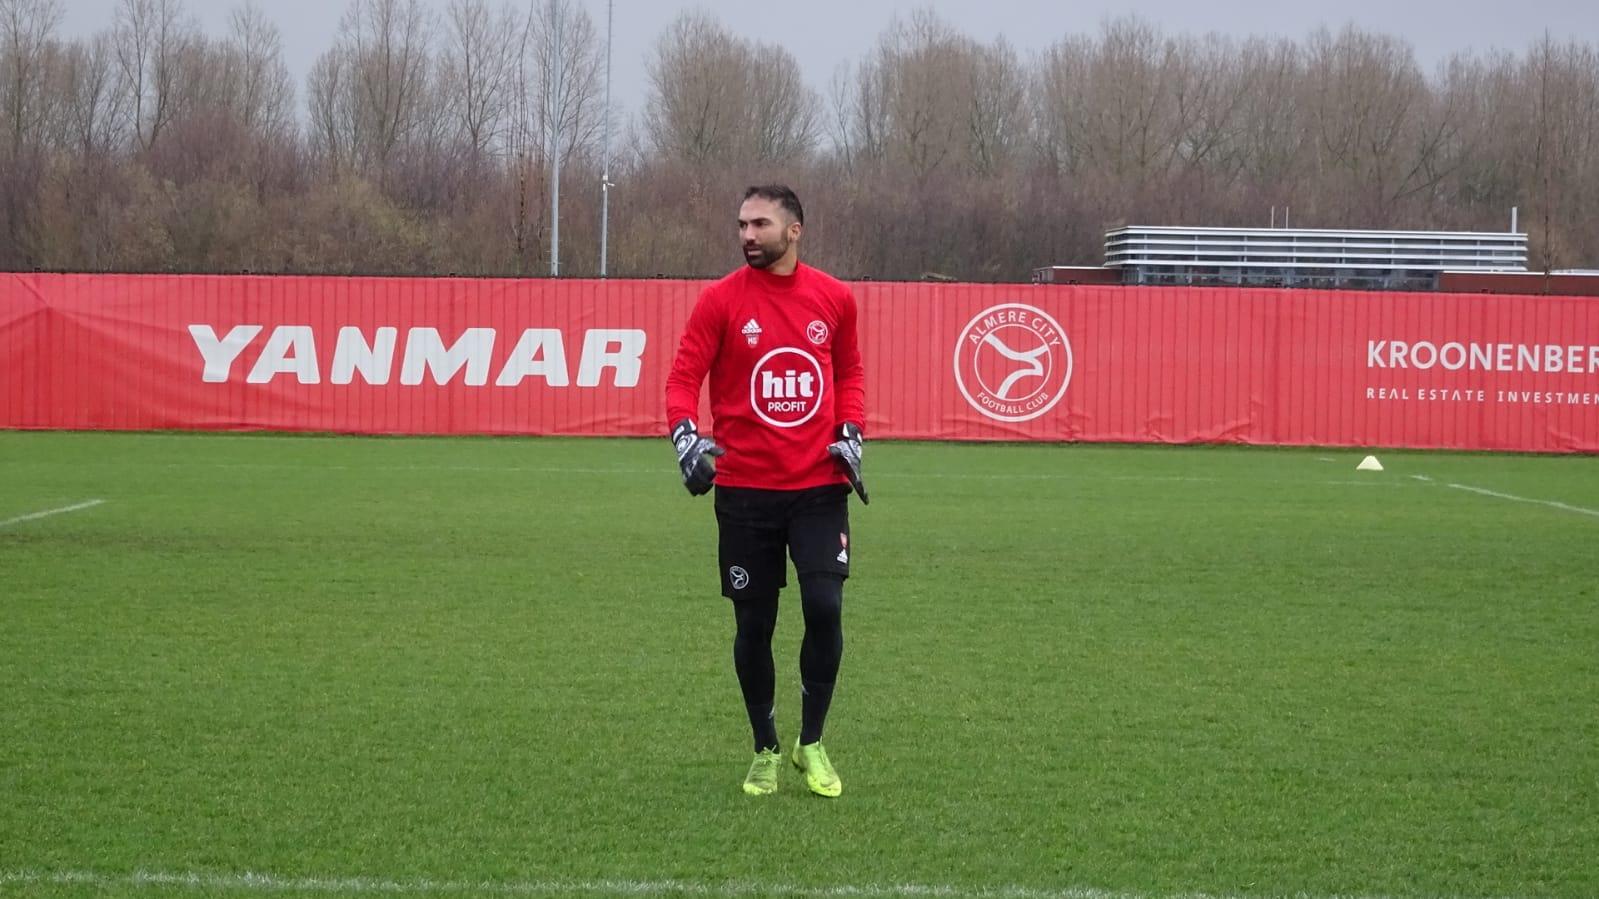 Etemadi en Almere City bereiken akkoord voor 2,5 seizoen. Doelman stapt per direct over!